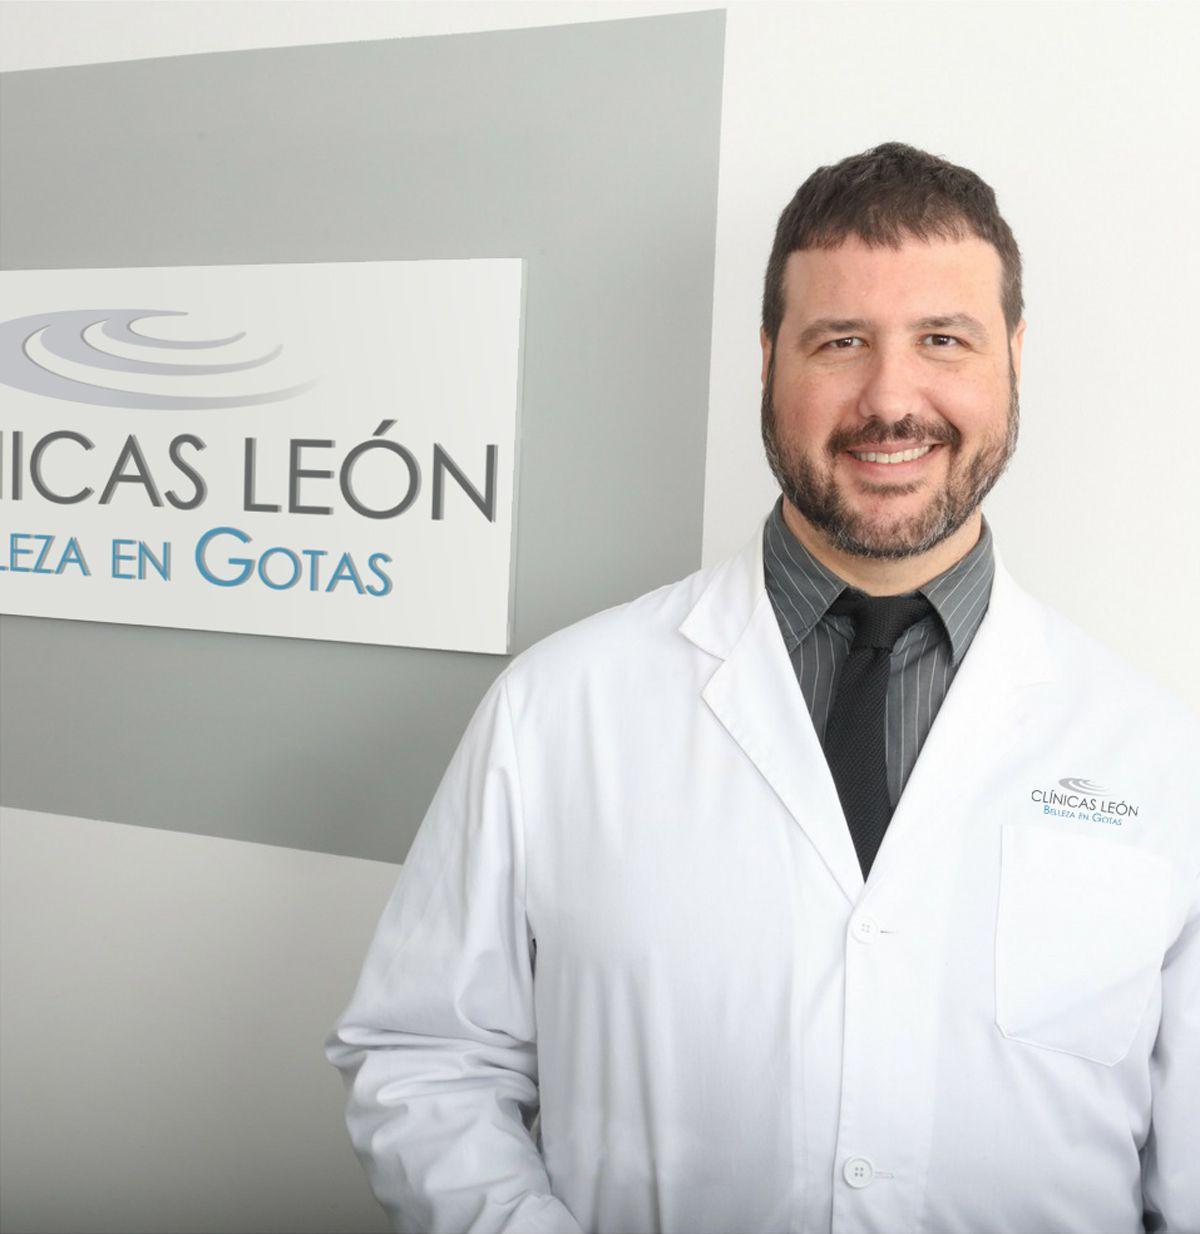 Foto de Clínicas León